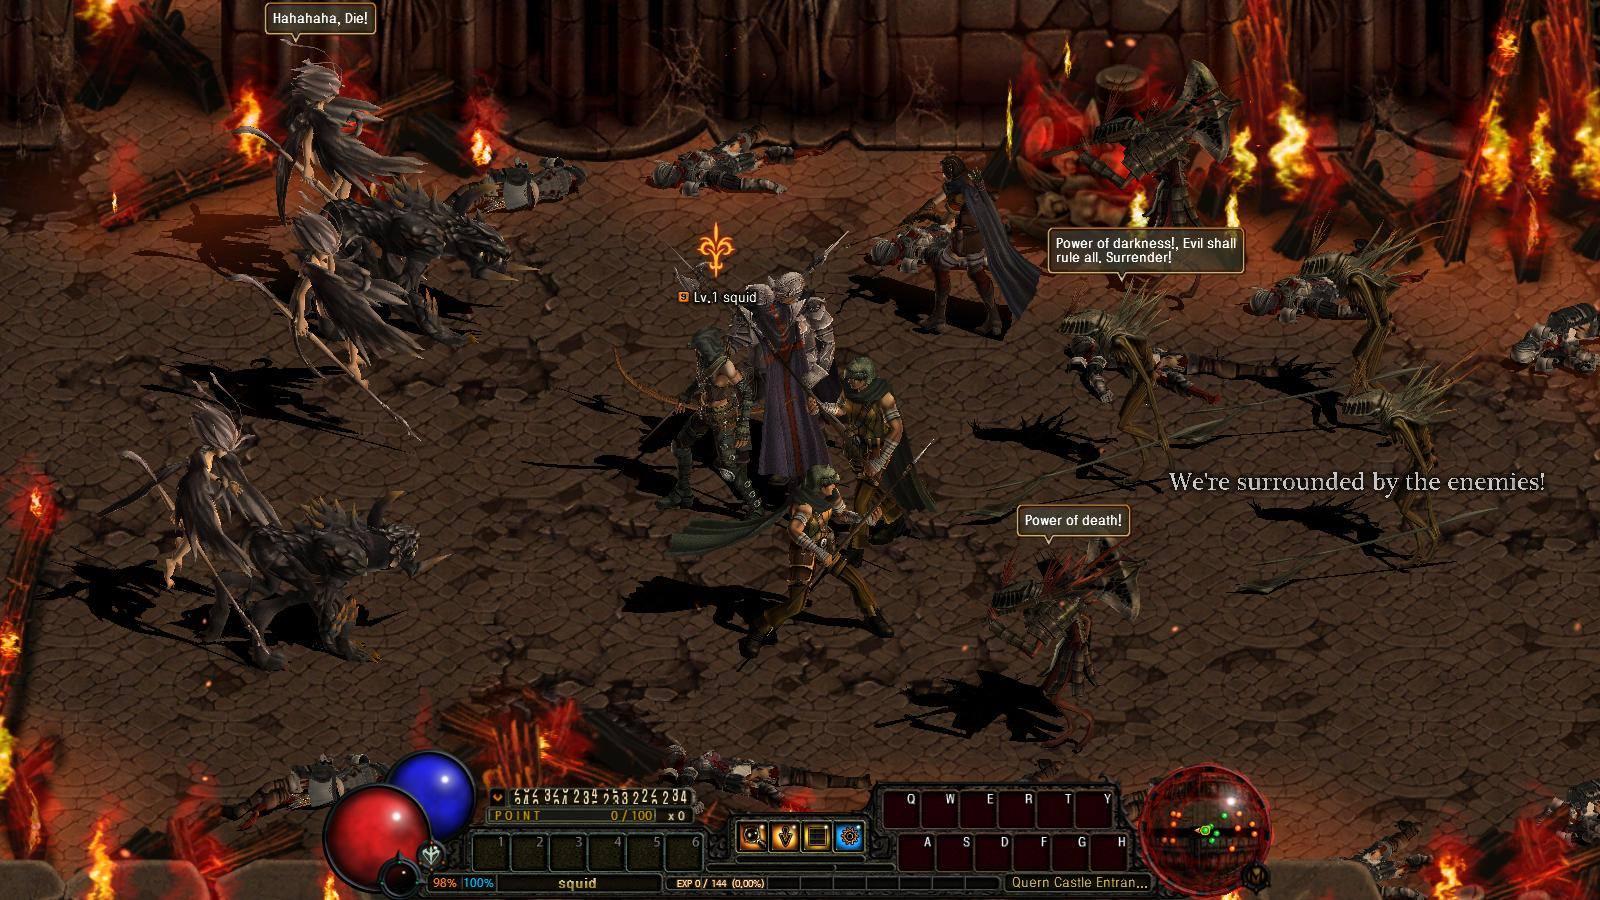 Dark Blood Online picture or screenshot